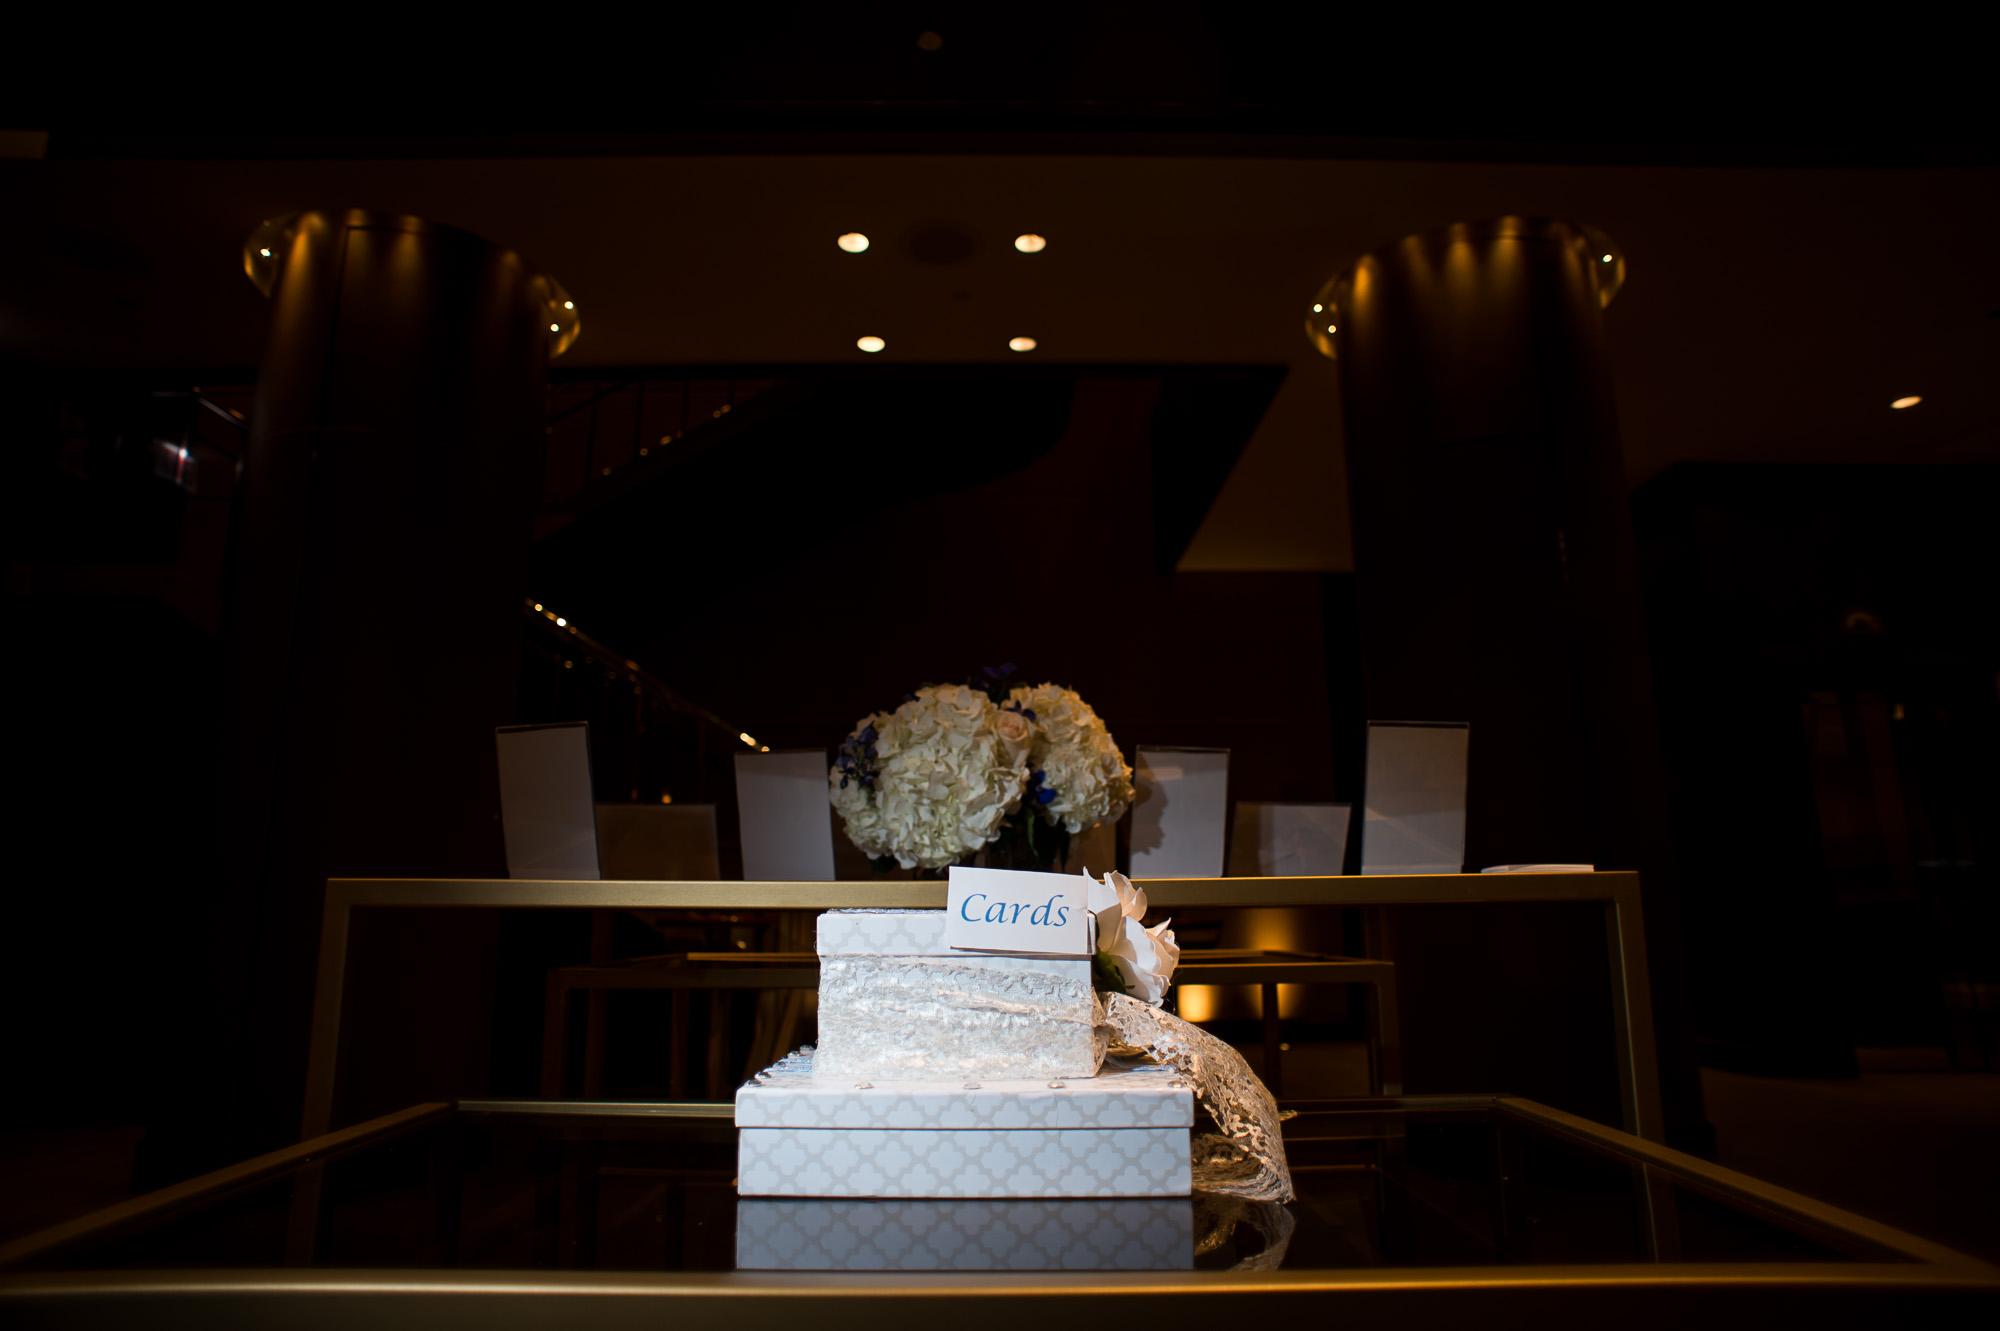 park-hyatt-chicago-wedding-water-tower-wedding-9902